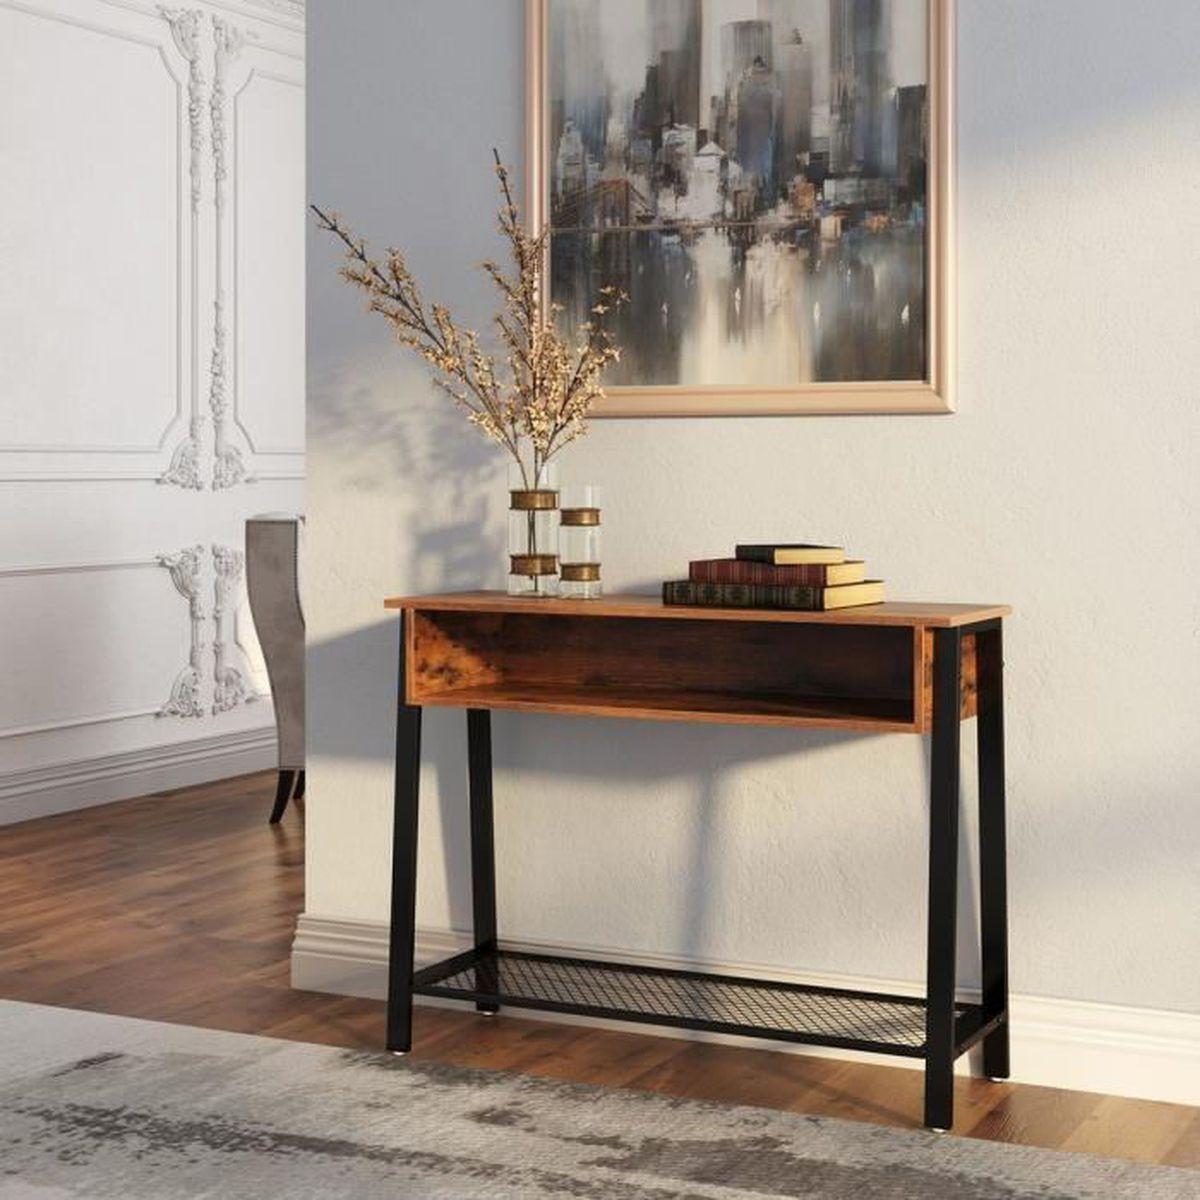 Luminaire Pour Couloir D Entrée vasagle table d'entrée vintage, table de console, avec Étagère en treillis  et casier ouvert, pour couloir, salon, bureau, lnt93x